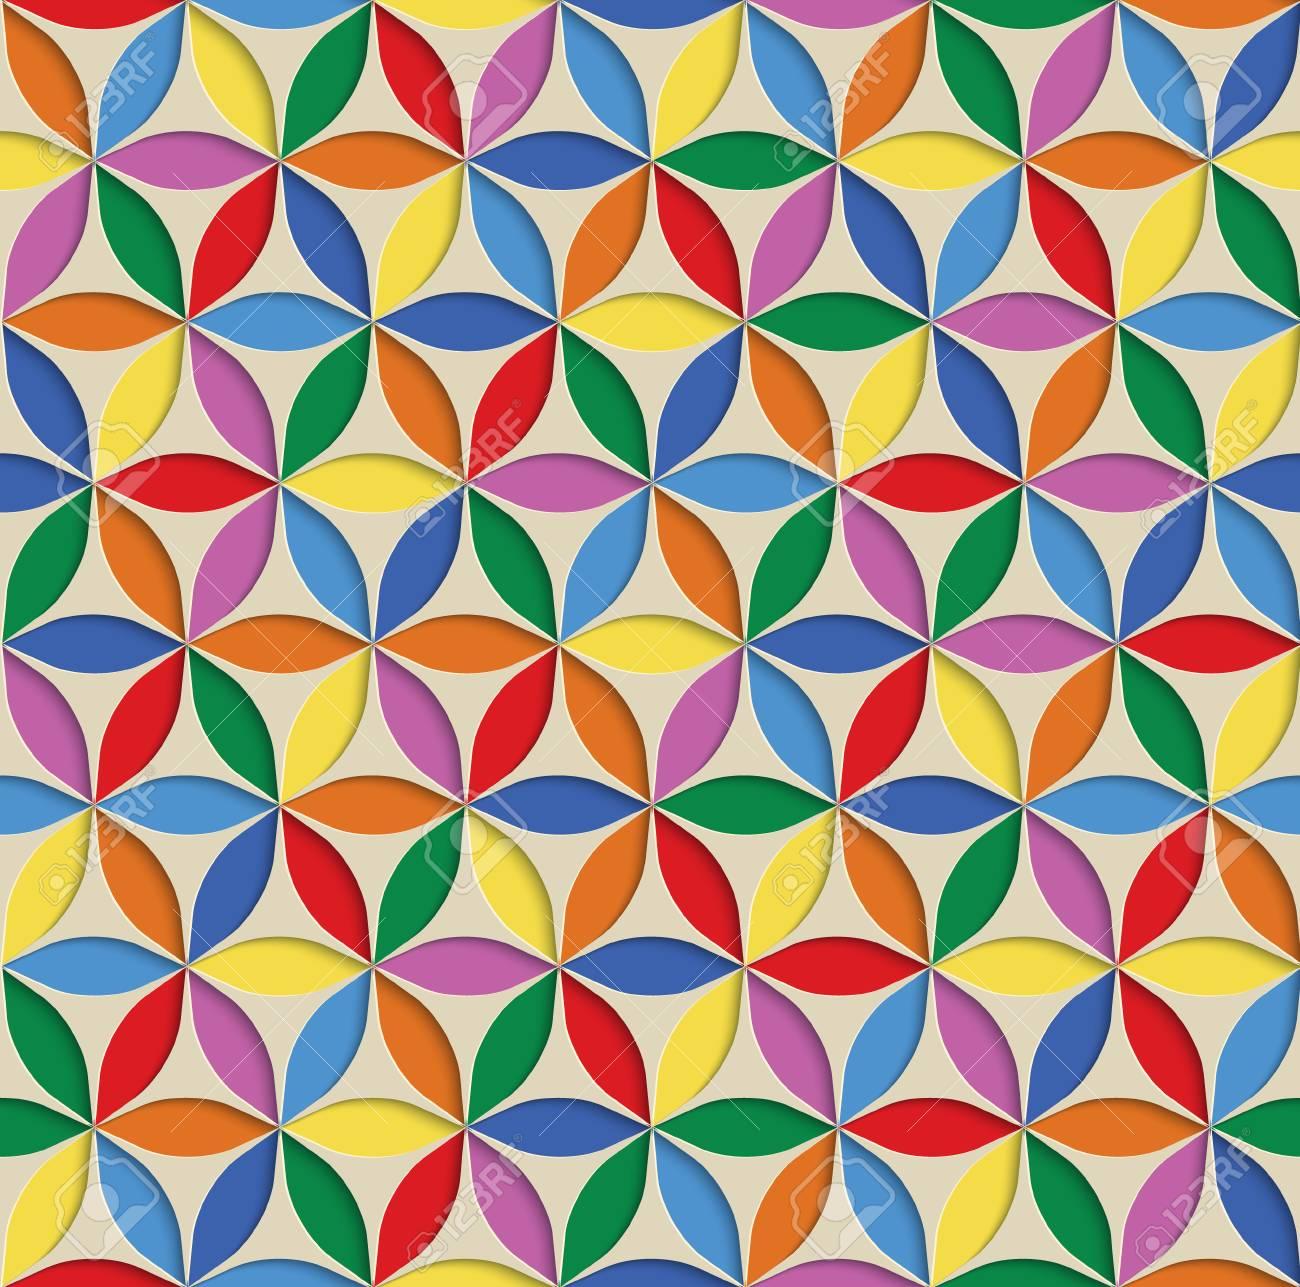 3 D のシームレスな抽象的な幾何学模様 虹のタイル表面 フレームの